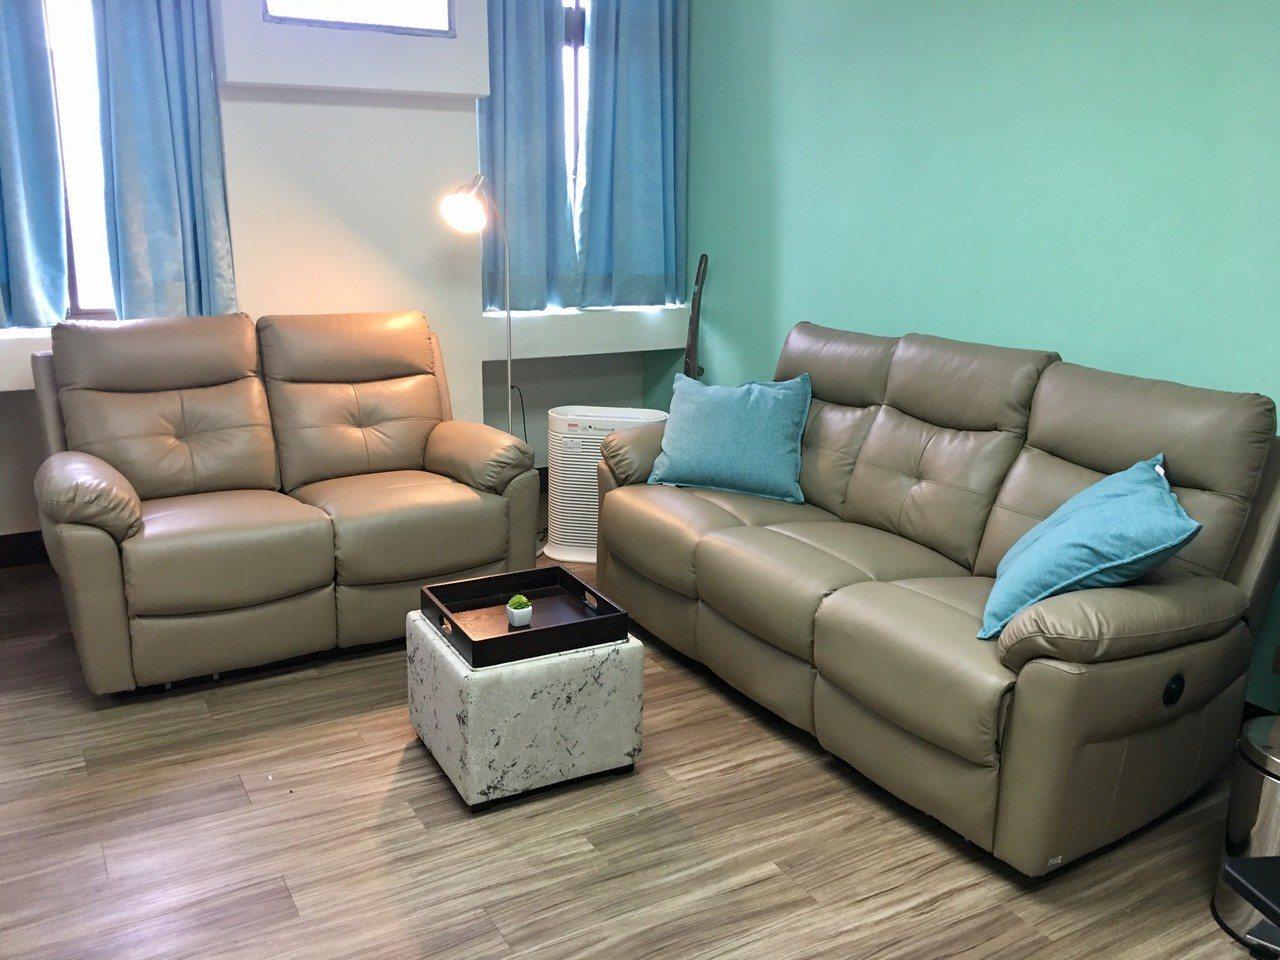 嘉義市東居衛生所成立家庭照顧者支持中心,不只設有照顧者按摩室,旁邊的小客廳則設計...